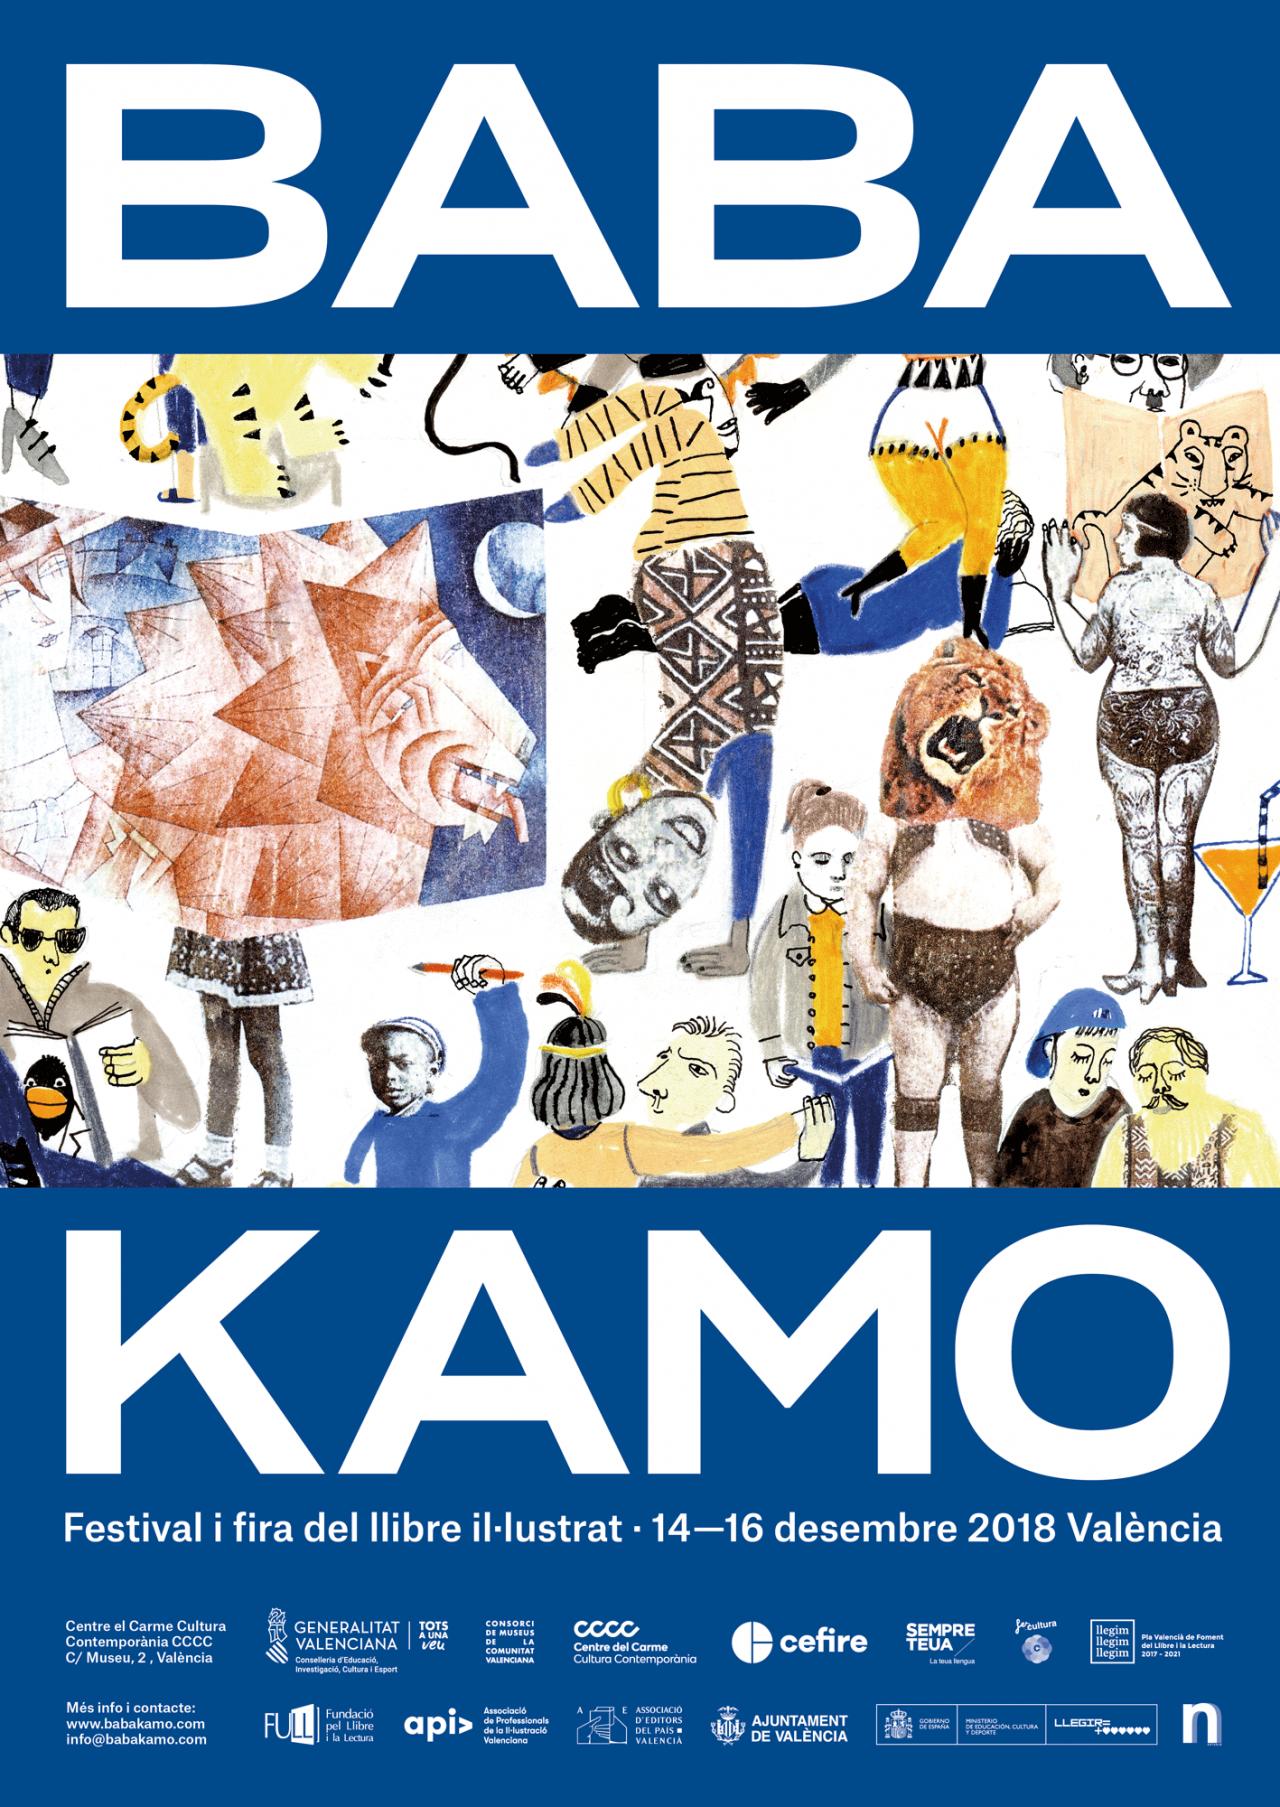 Baba Kamo presenta su programa de actividades